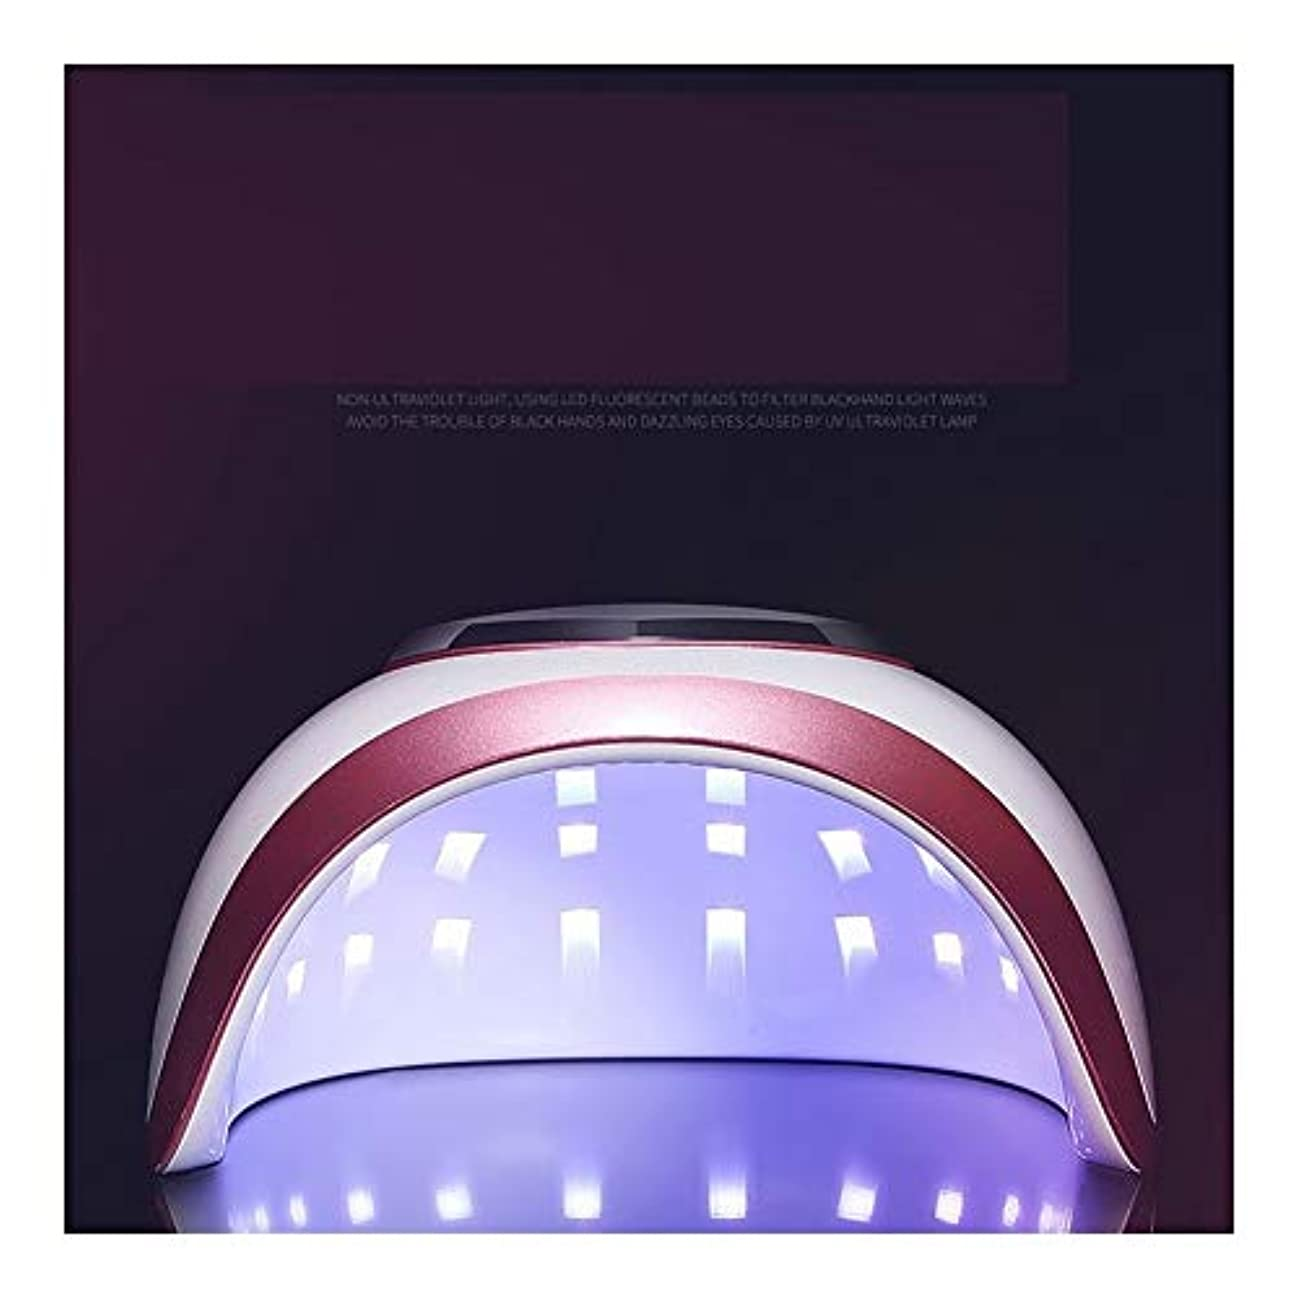 マーチャンダイジングコンピューターリングレットLittleCat 釘LEDランプライト療法機ドライヤーネイルグルーヒートランプ72W速乾性モードインテリジェントセンサー無痛 (色 : 72W red edge European regulations)